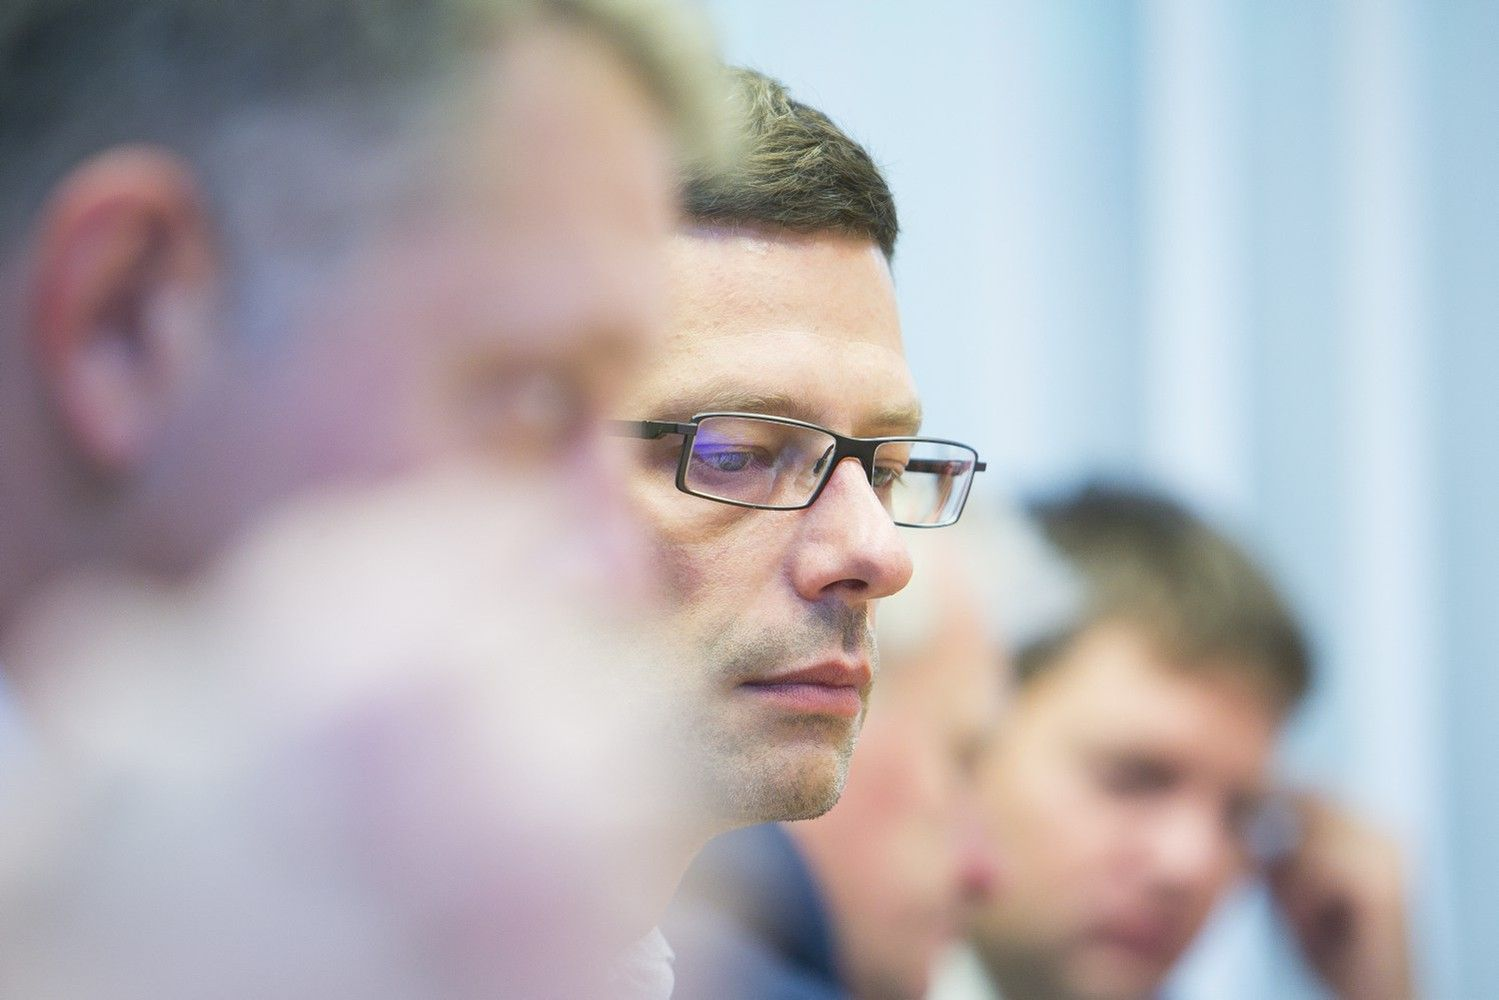 Liberalų sąjūdis atsikratė Š. Gustainiu, įtarimų sulaukęs G. Steponavičius pasitraukė